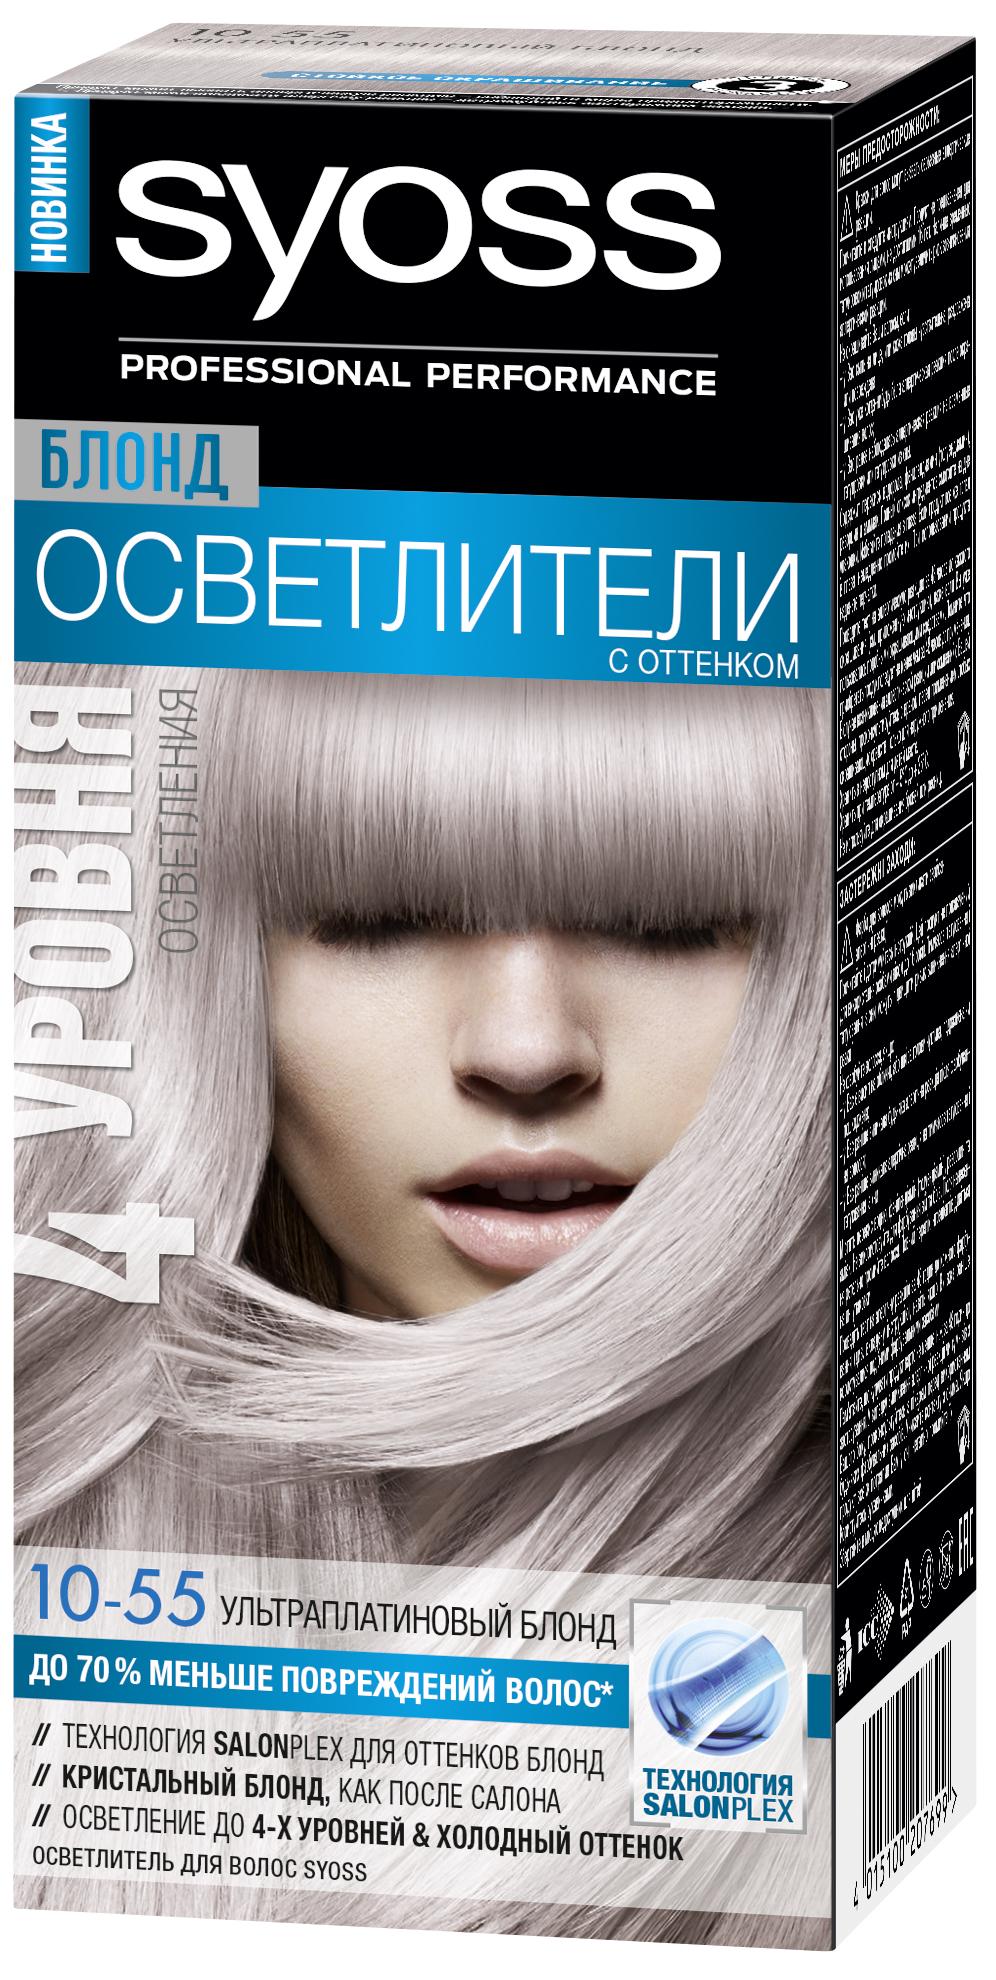 Syoss Color Краска для волос, 10-55 Ультраплатиновый блонд, 115 мл2366717Откройте для себя Осветлители Syoss - линию осветляющих средств профессионального качества, разработанную и протестированную совместно с парикмахерами-стилистами и колористами специально для домашнего использования. Профессиональная формула на основе технологии SALONPLEX для оттенков блонд обеспечивает до 70 % меньше повреждений волос*, здоровый внешний вид волос, осветление до 4-ти уровней и кристальный блонд-результат.